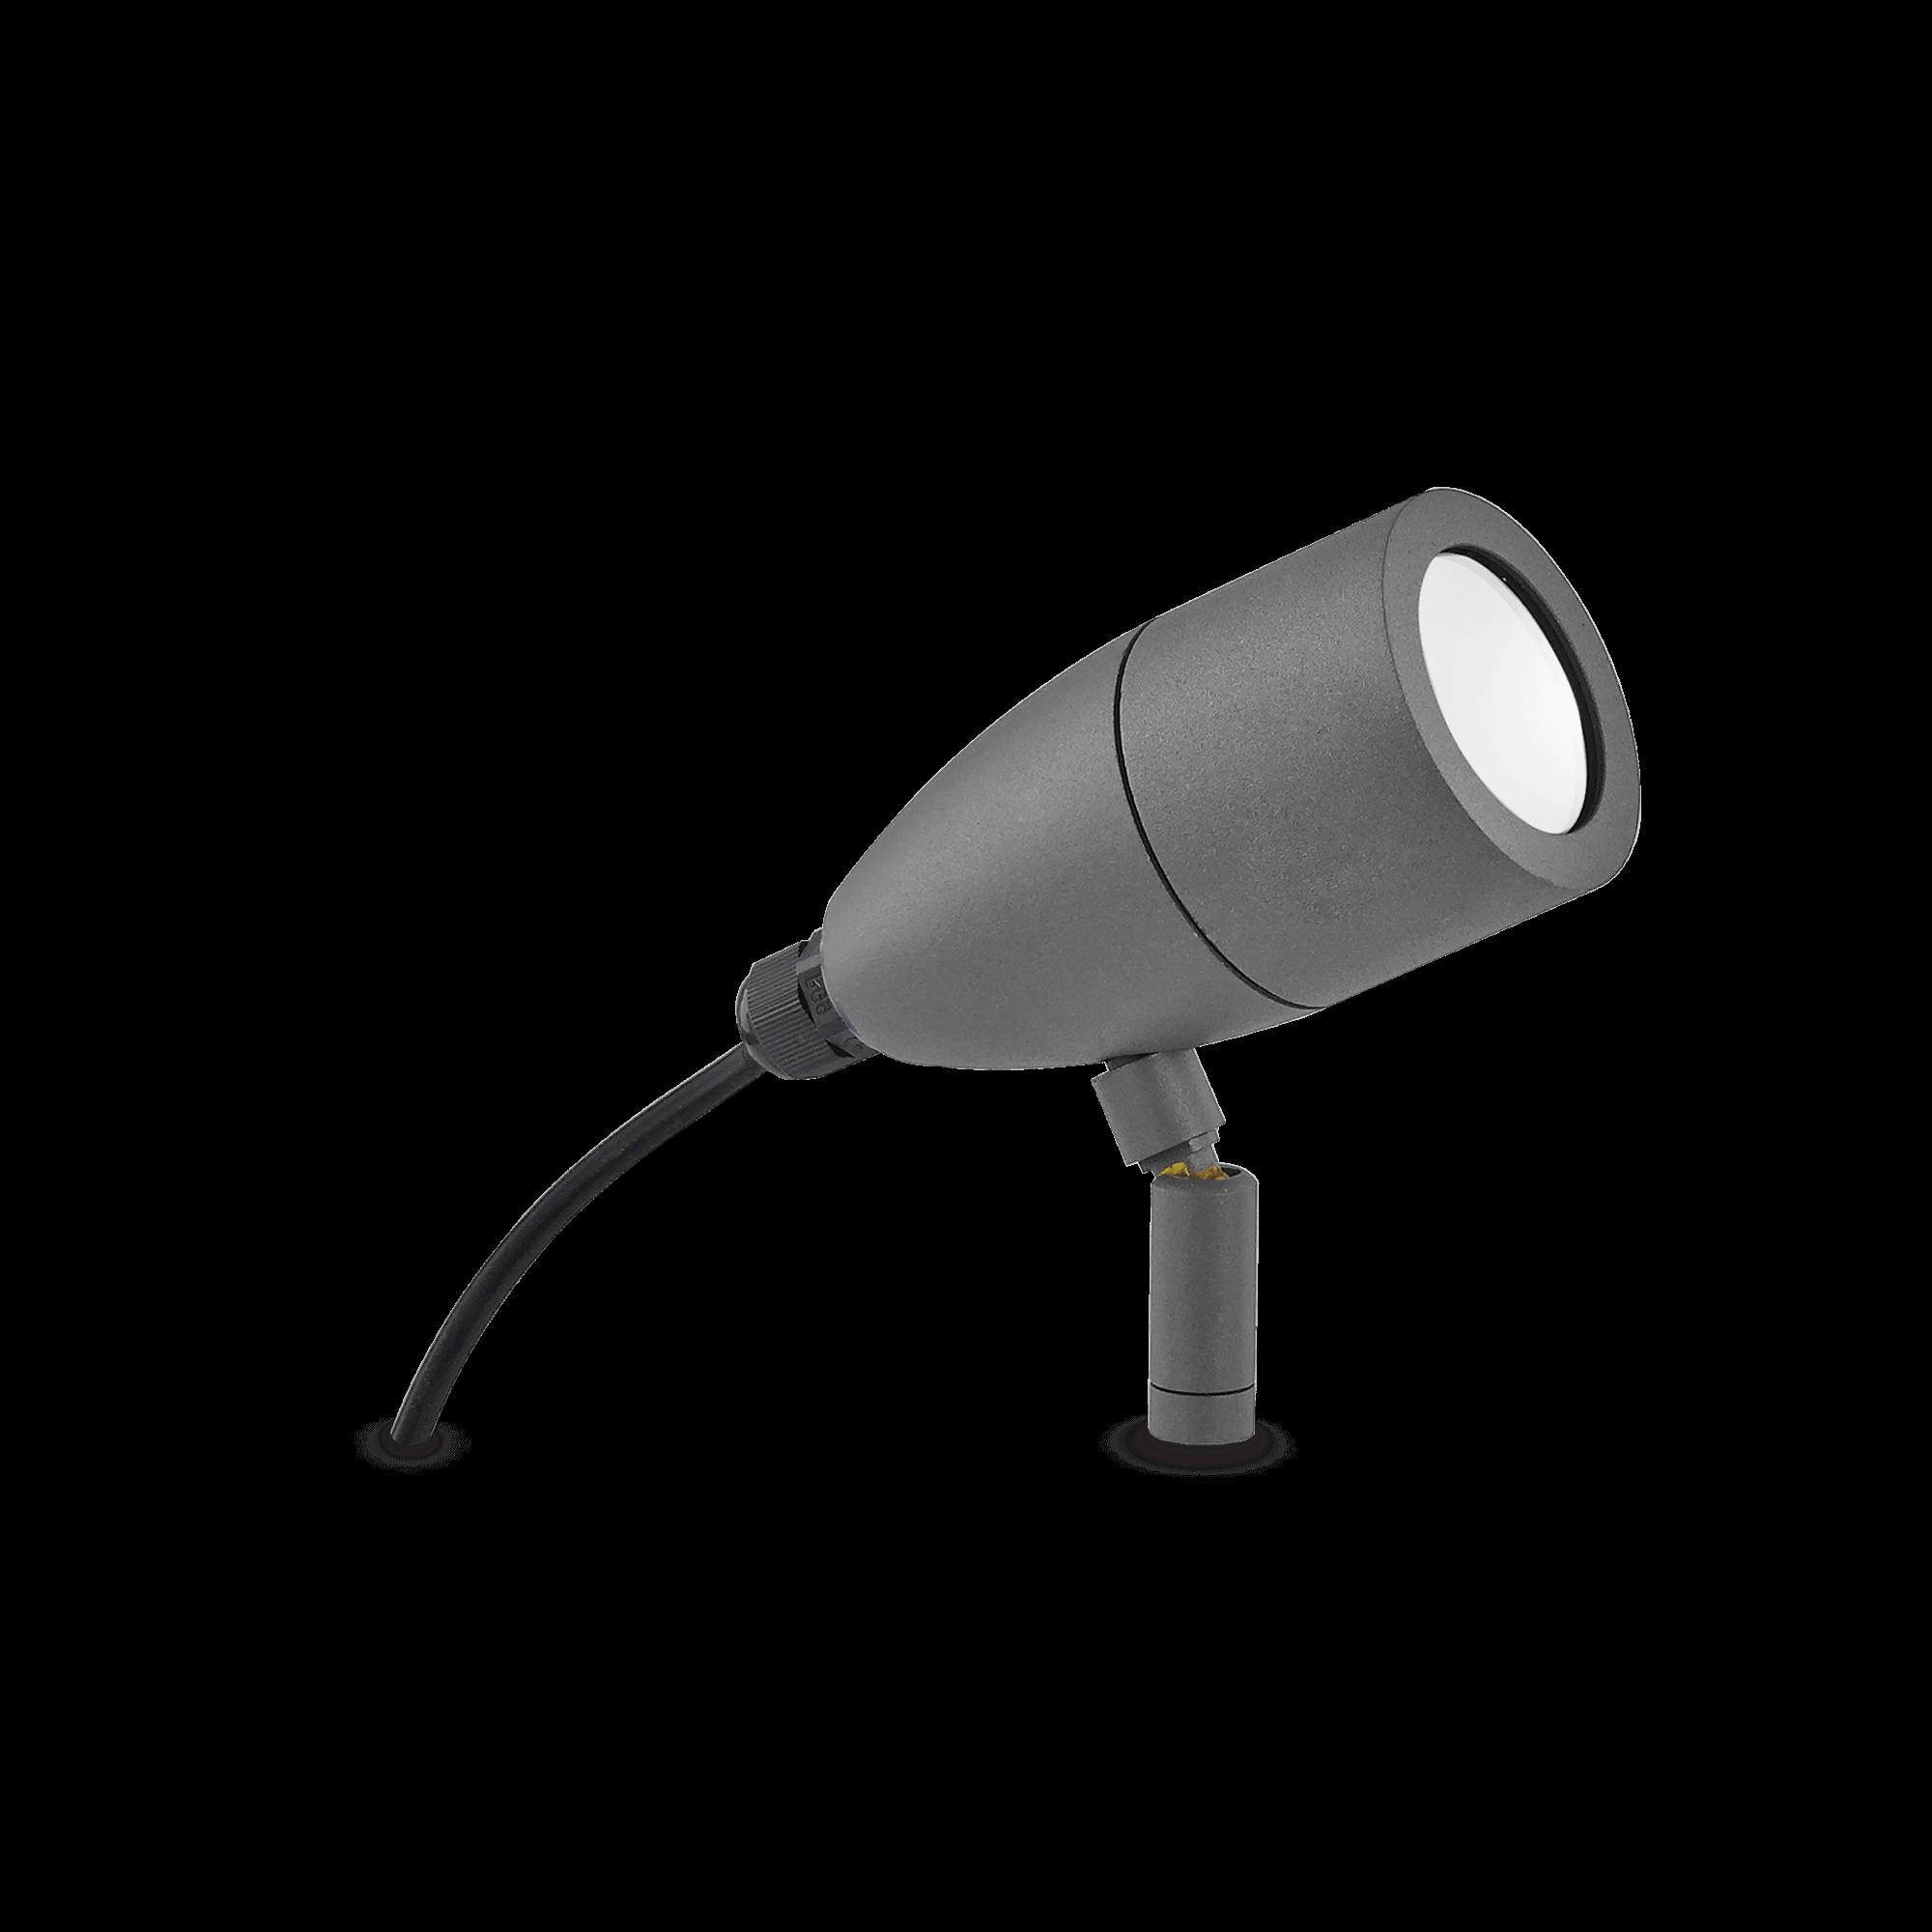 Ideal Lux 115412 Inside PT1 Antracite talajba szúrható kültéri lámpa